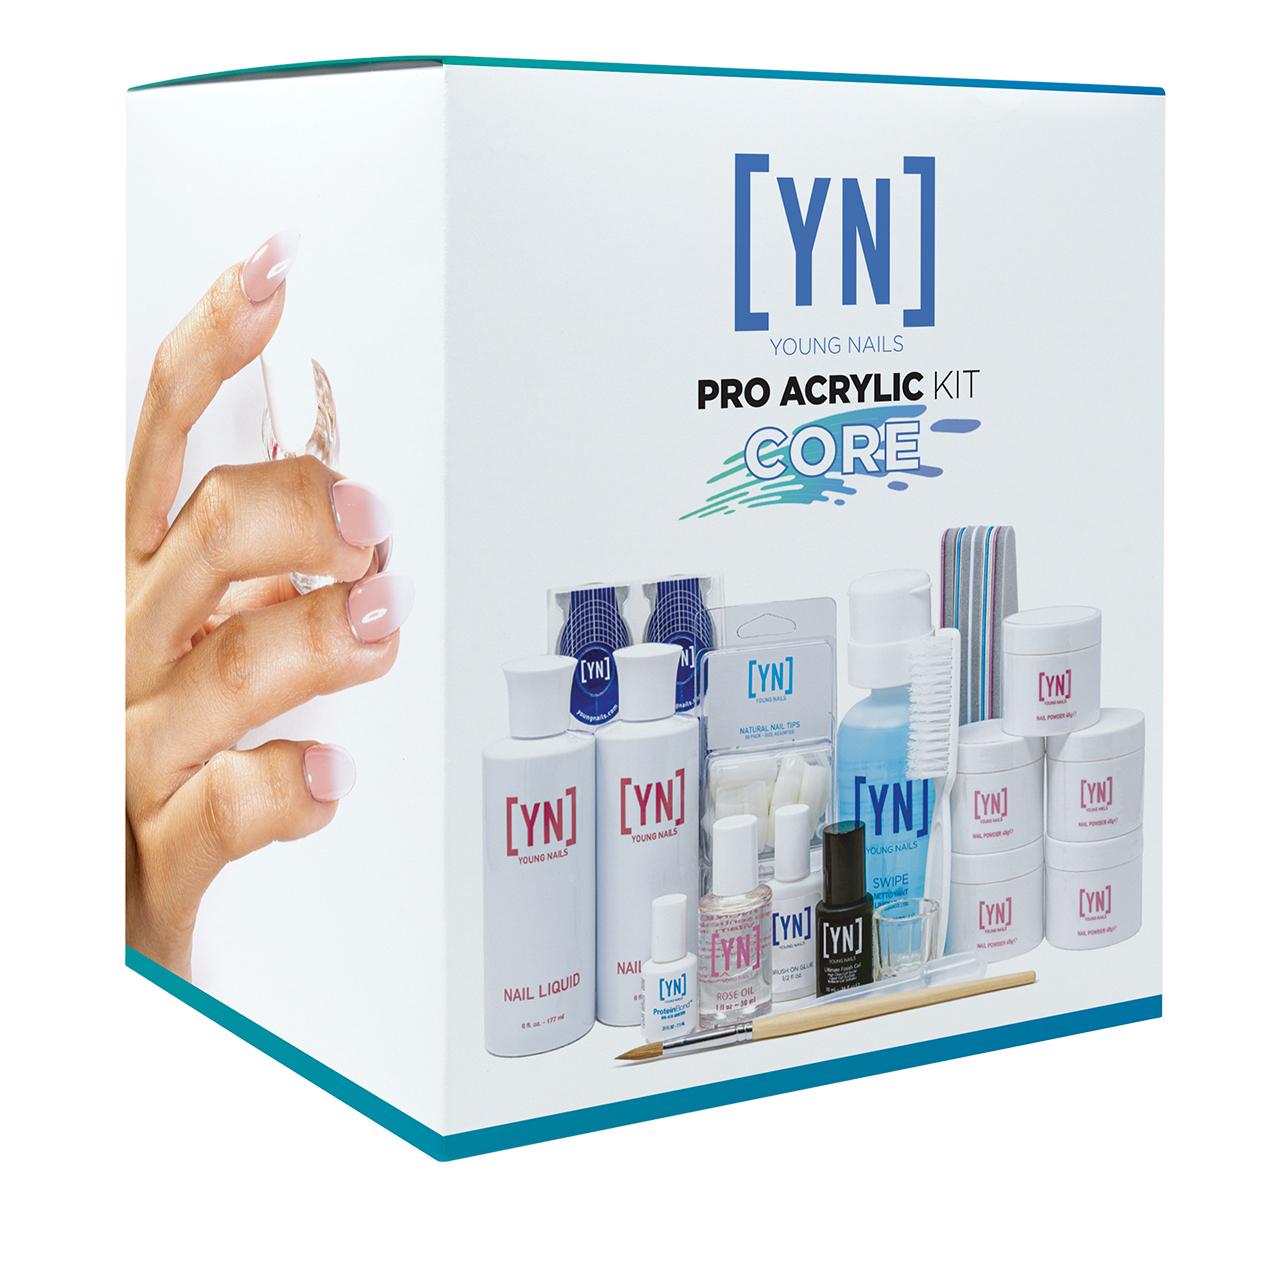 YNI Pro Acrylic Kit - Core